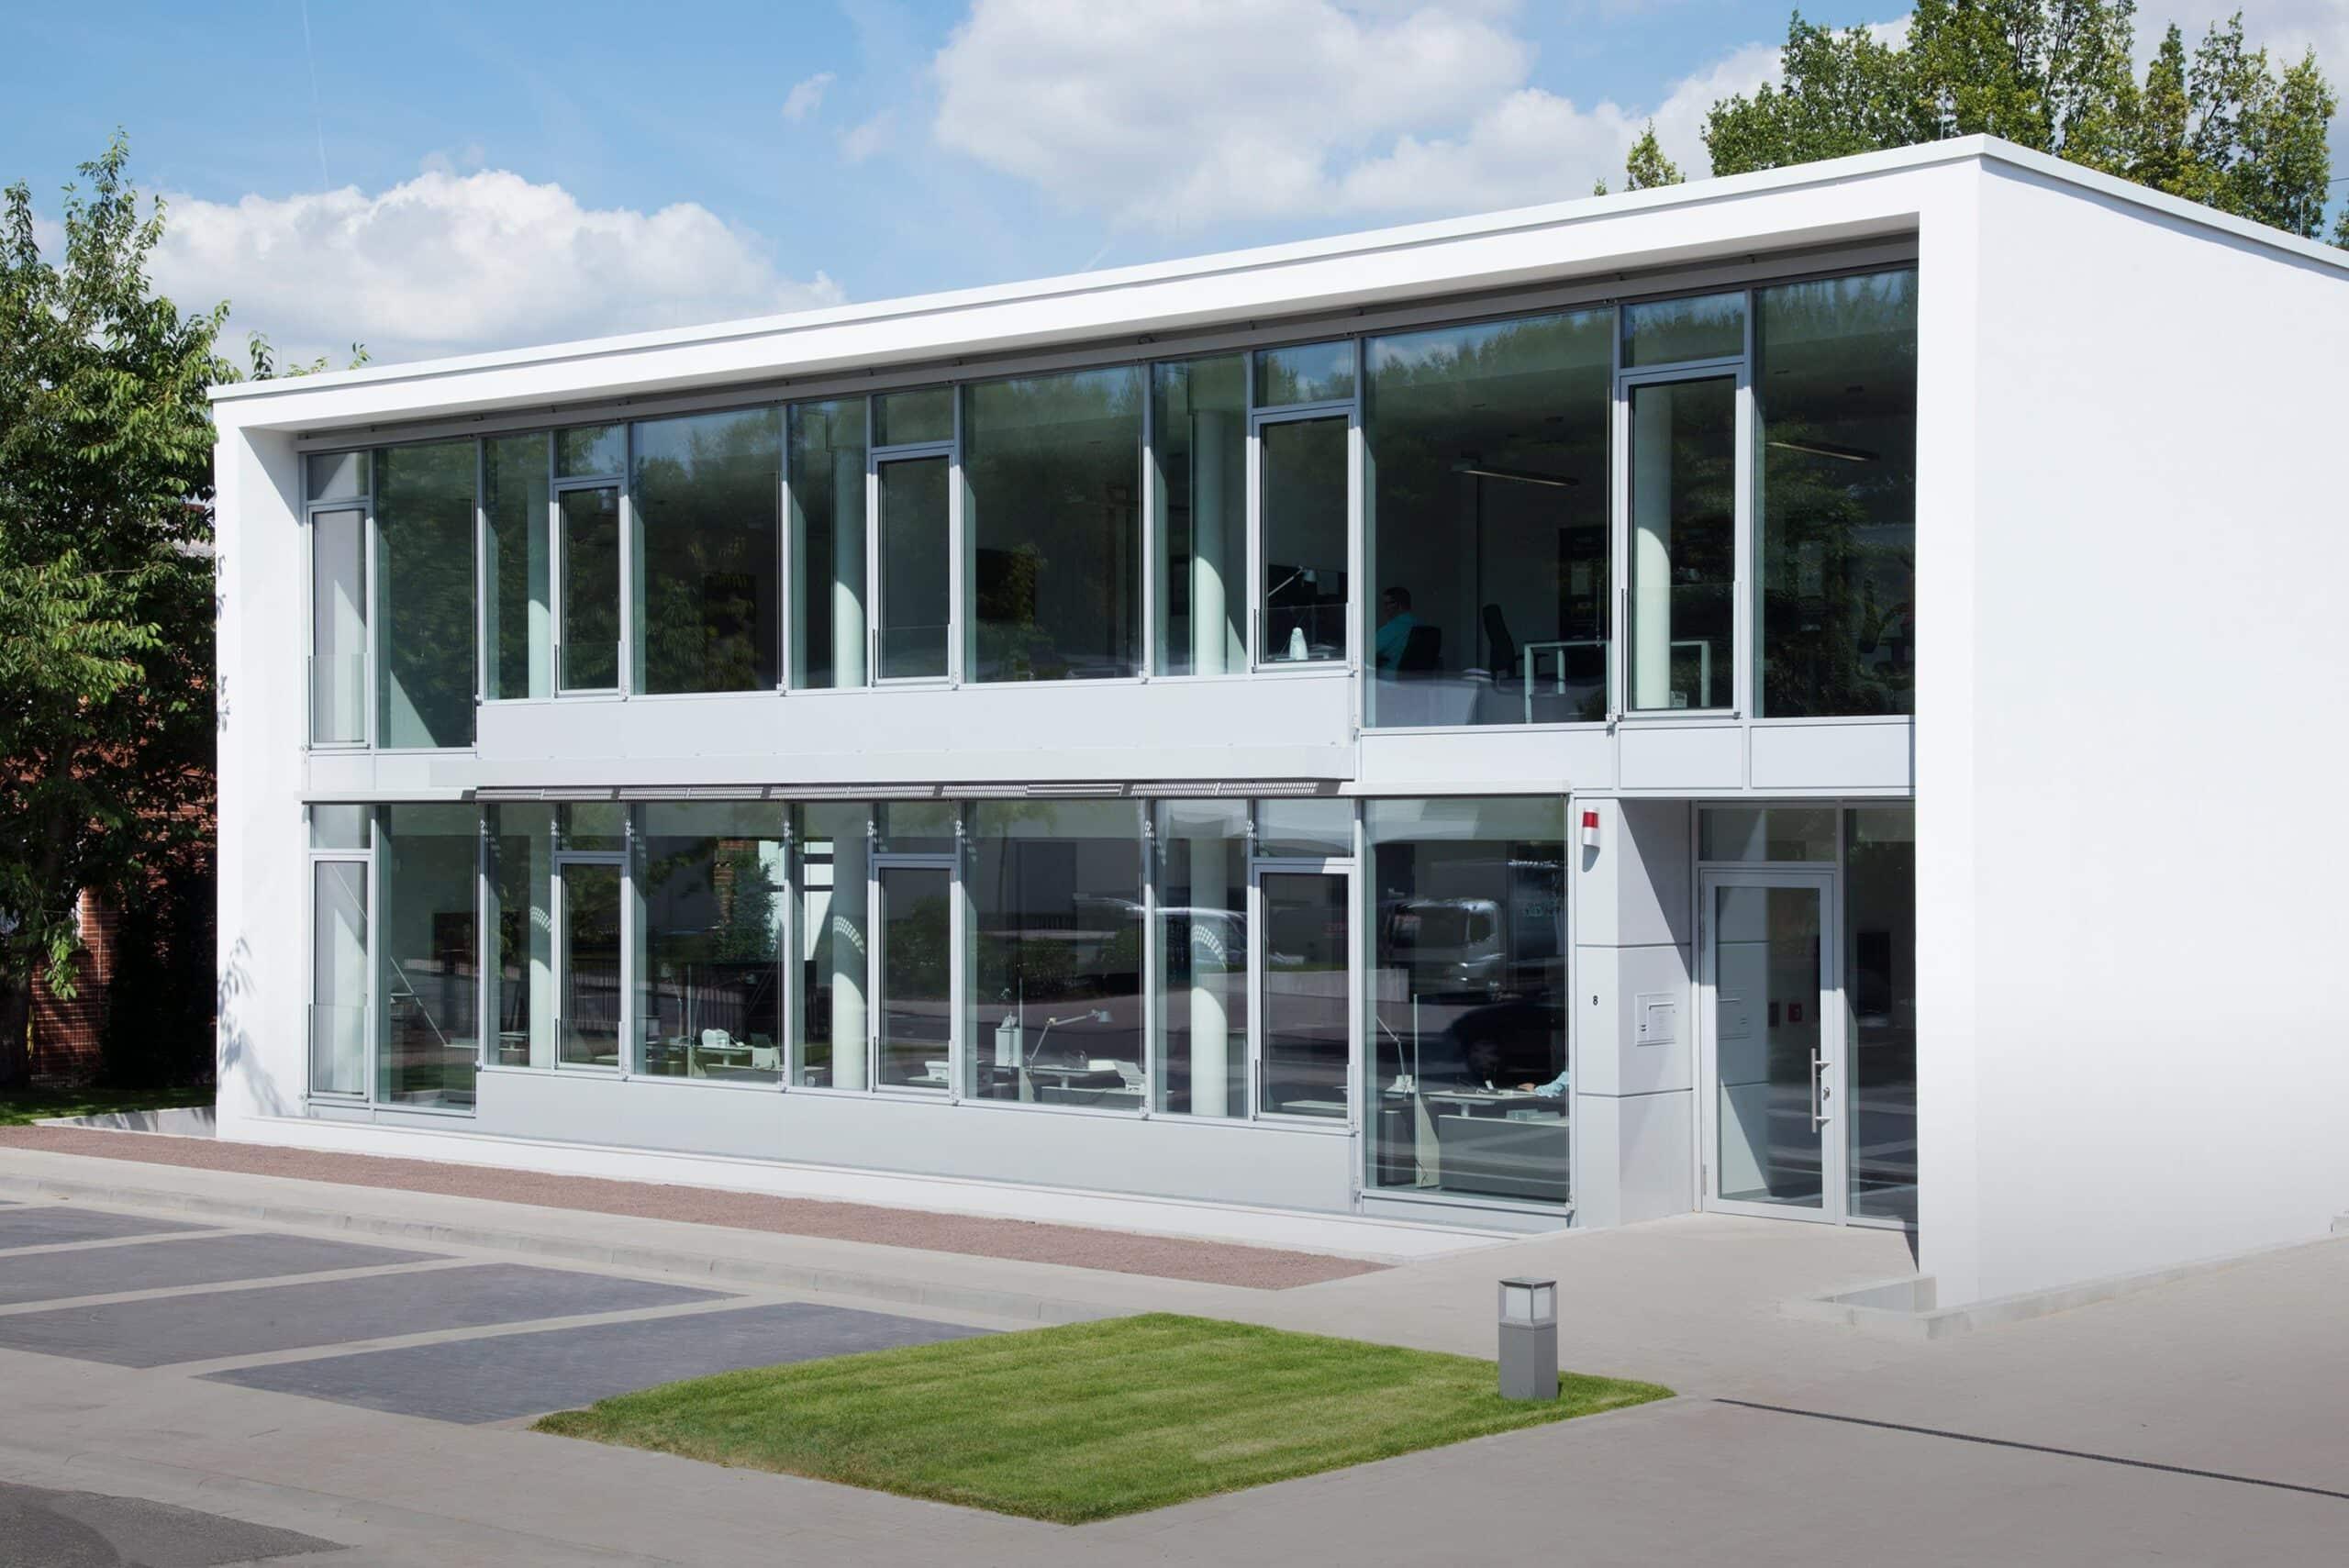 Clagen uusi rakennus 2013